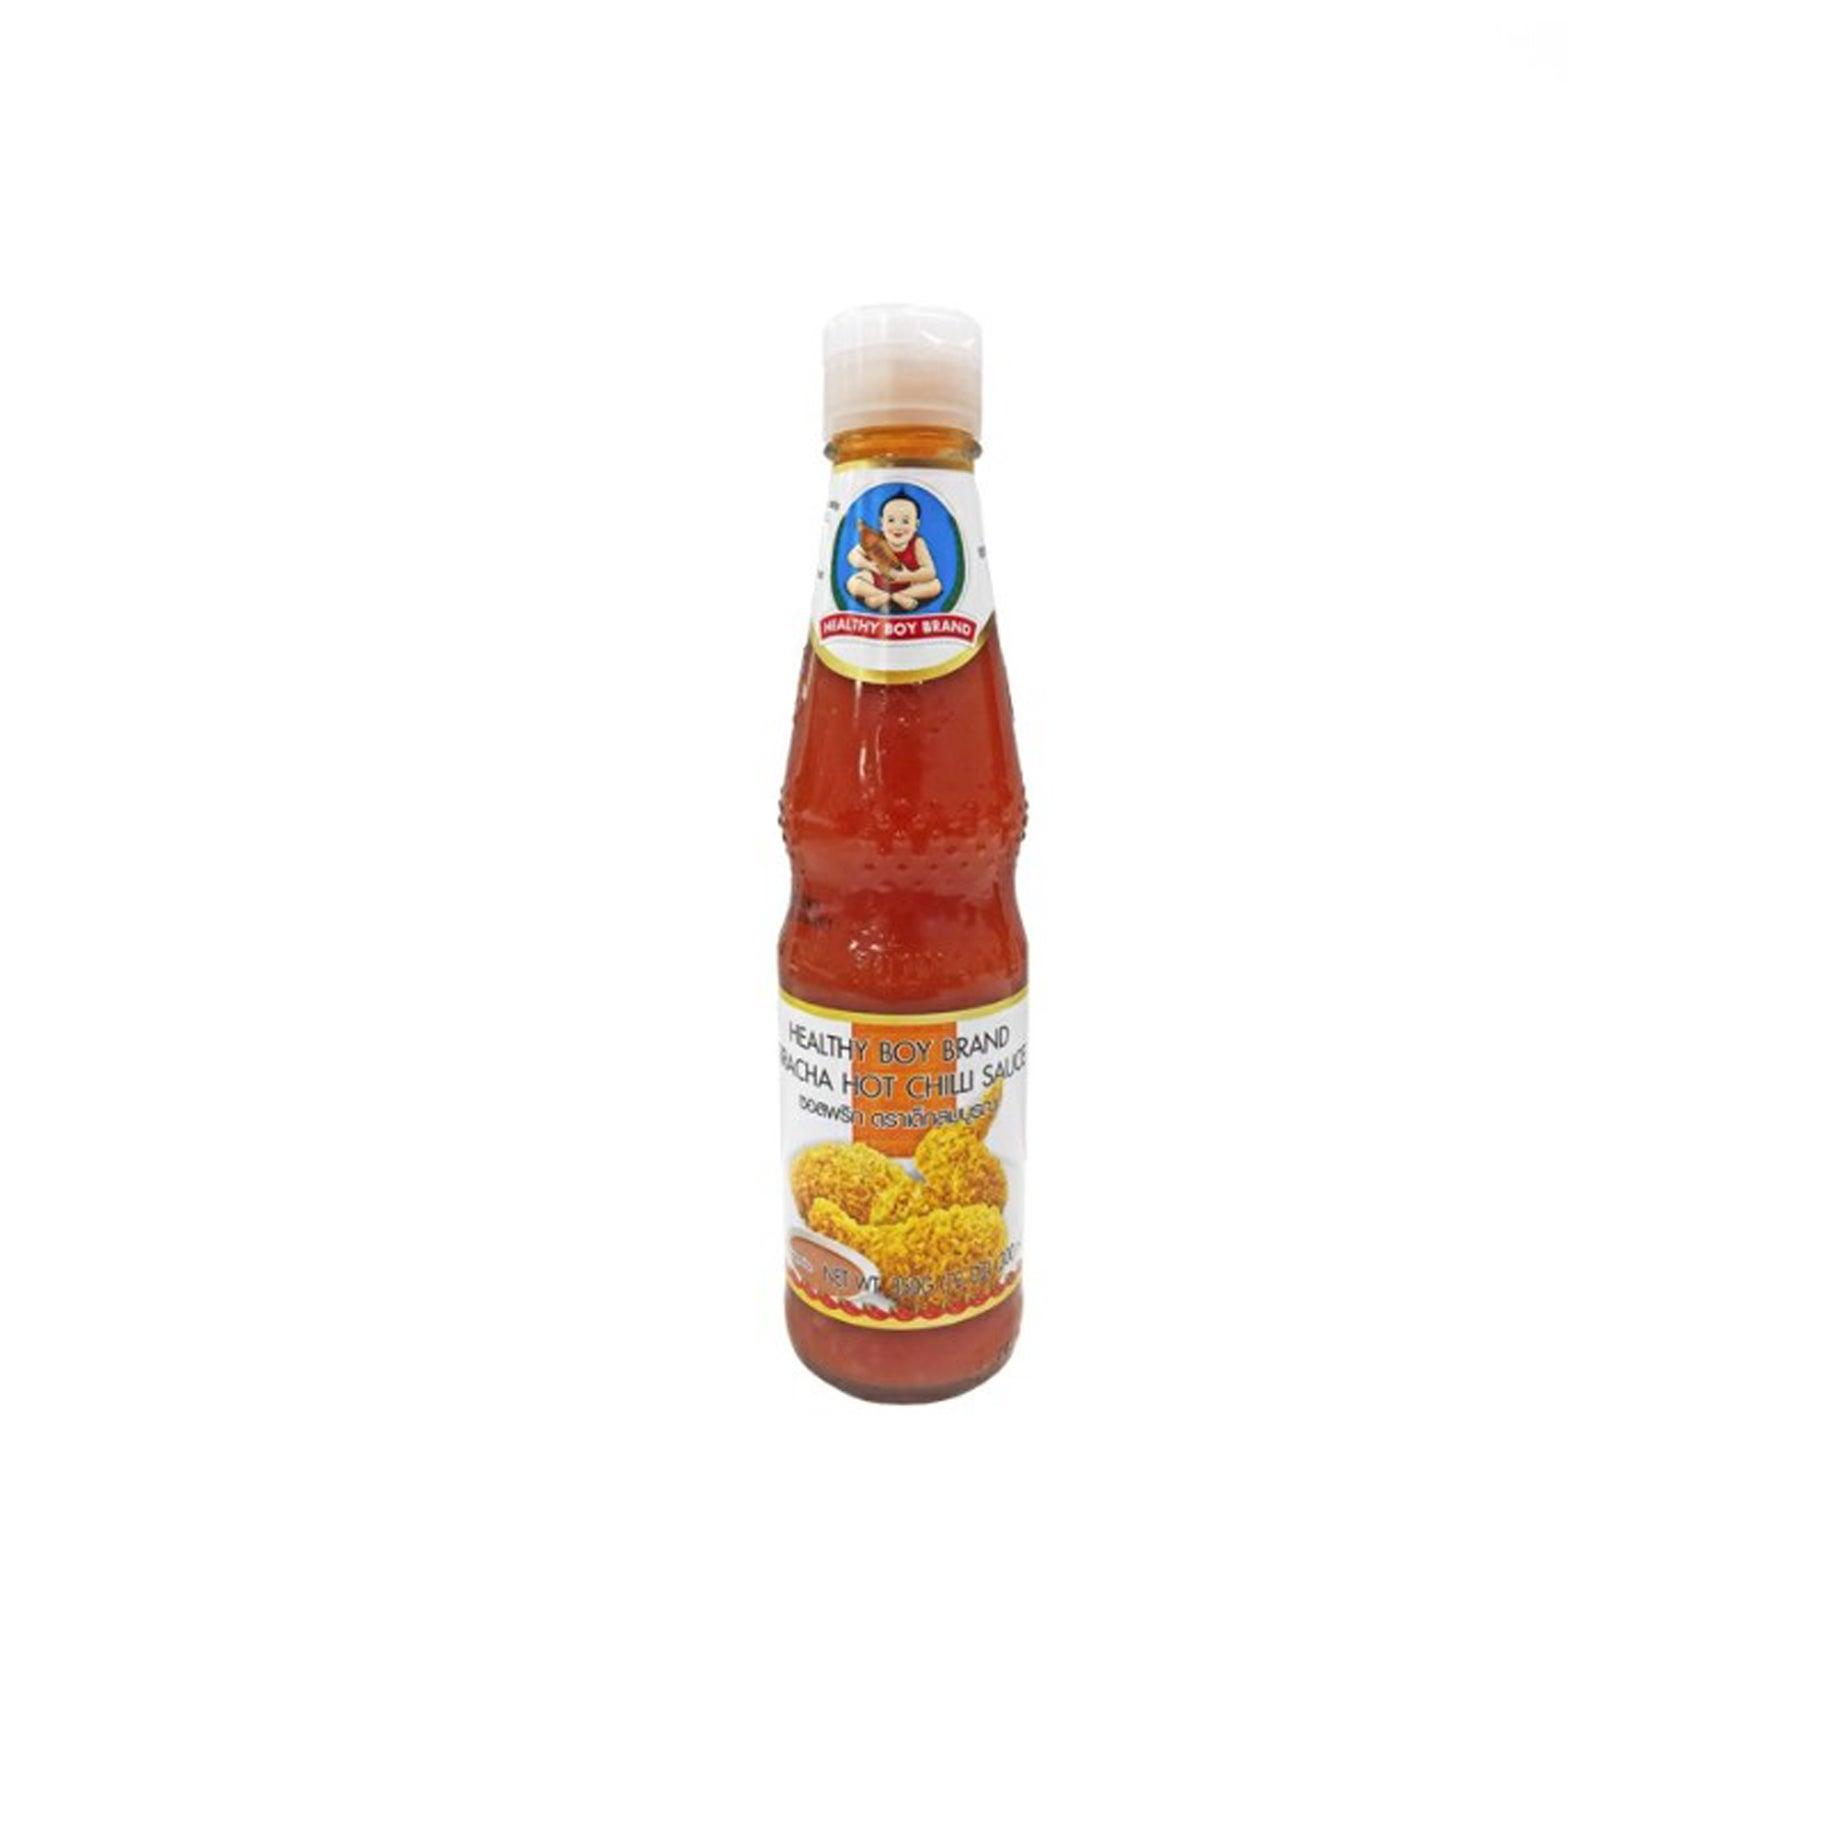 The Best Sriracha Option: Healthy Boy Sriracha Hot Chilli Sauce